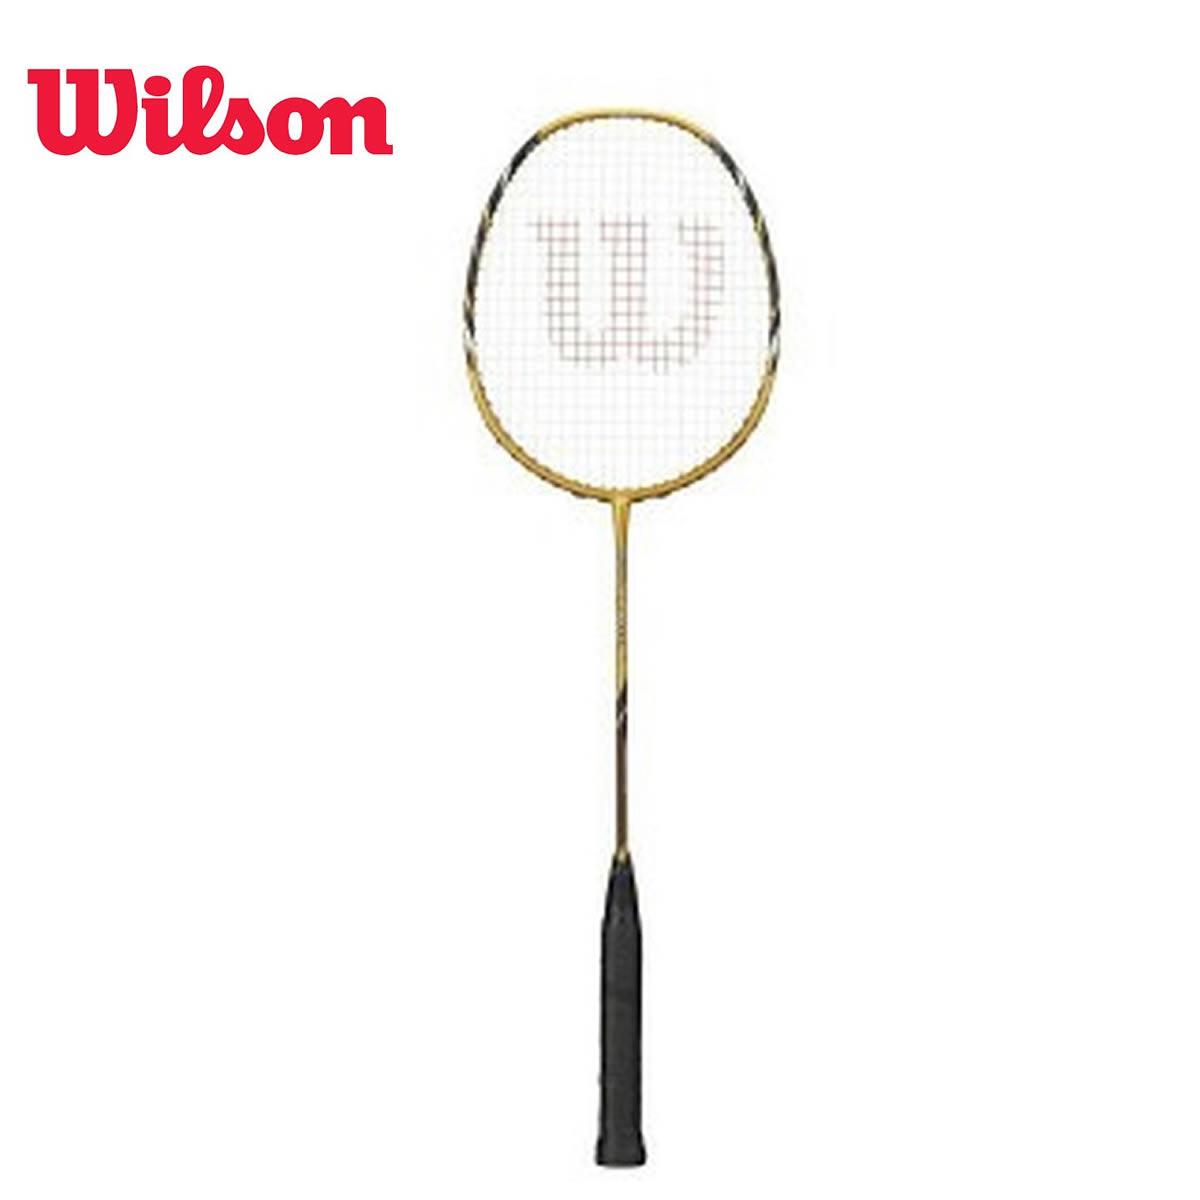 Wilson WRT8918202 RECON PX9000J WS ULTIMATE バドミントンラケット ウィルソン 【ガット張り工賃無料】